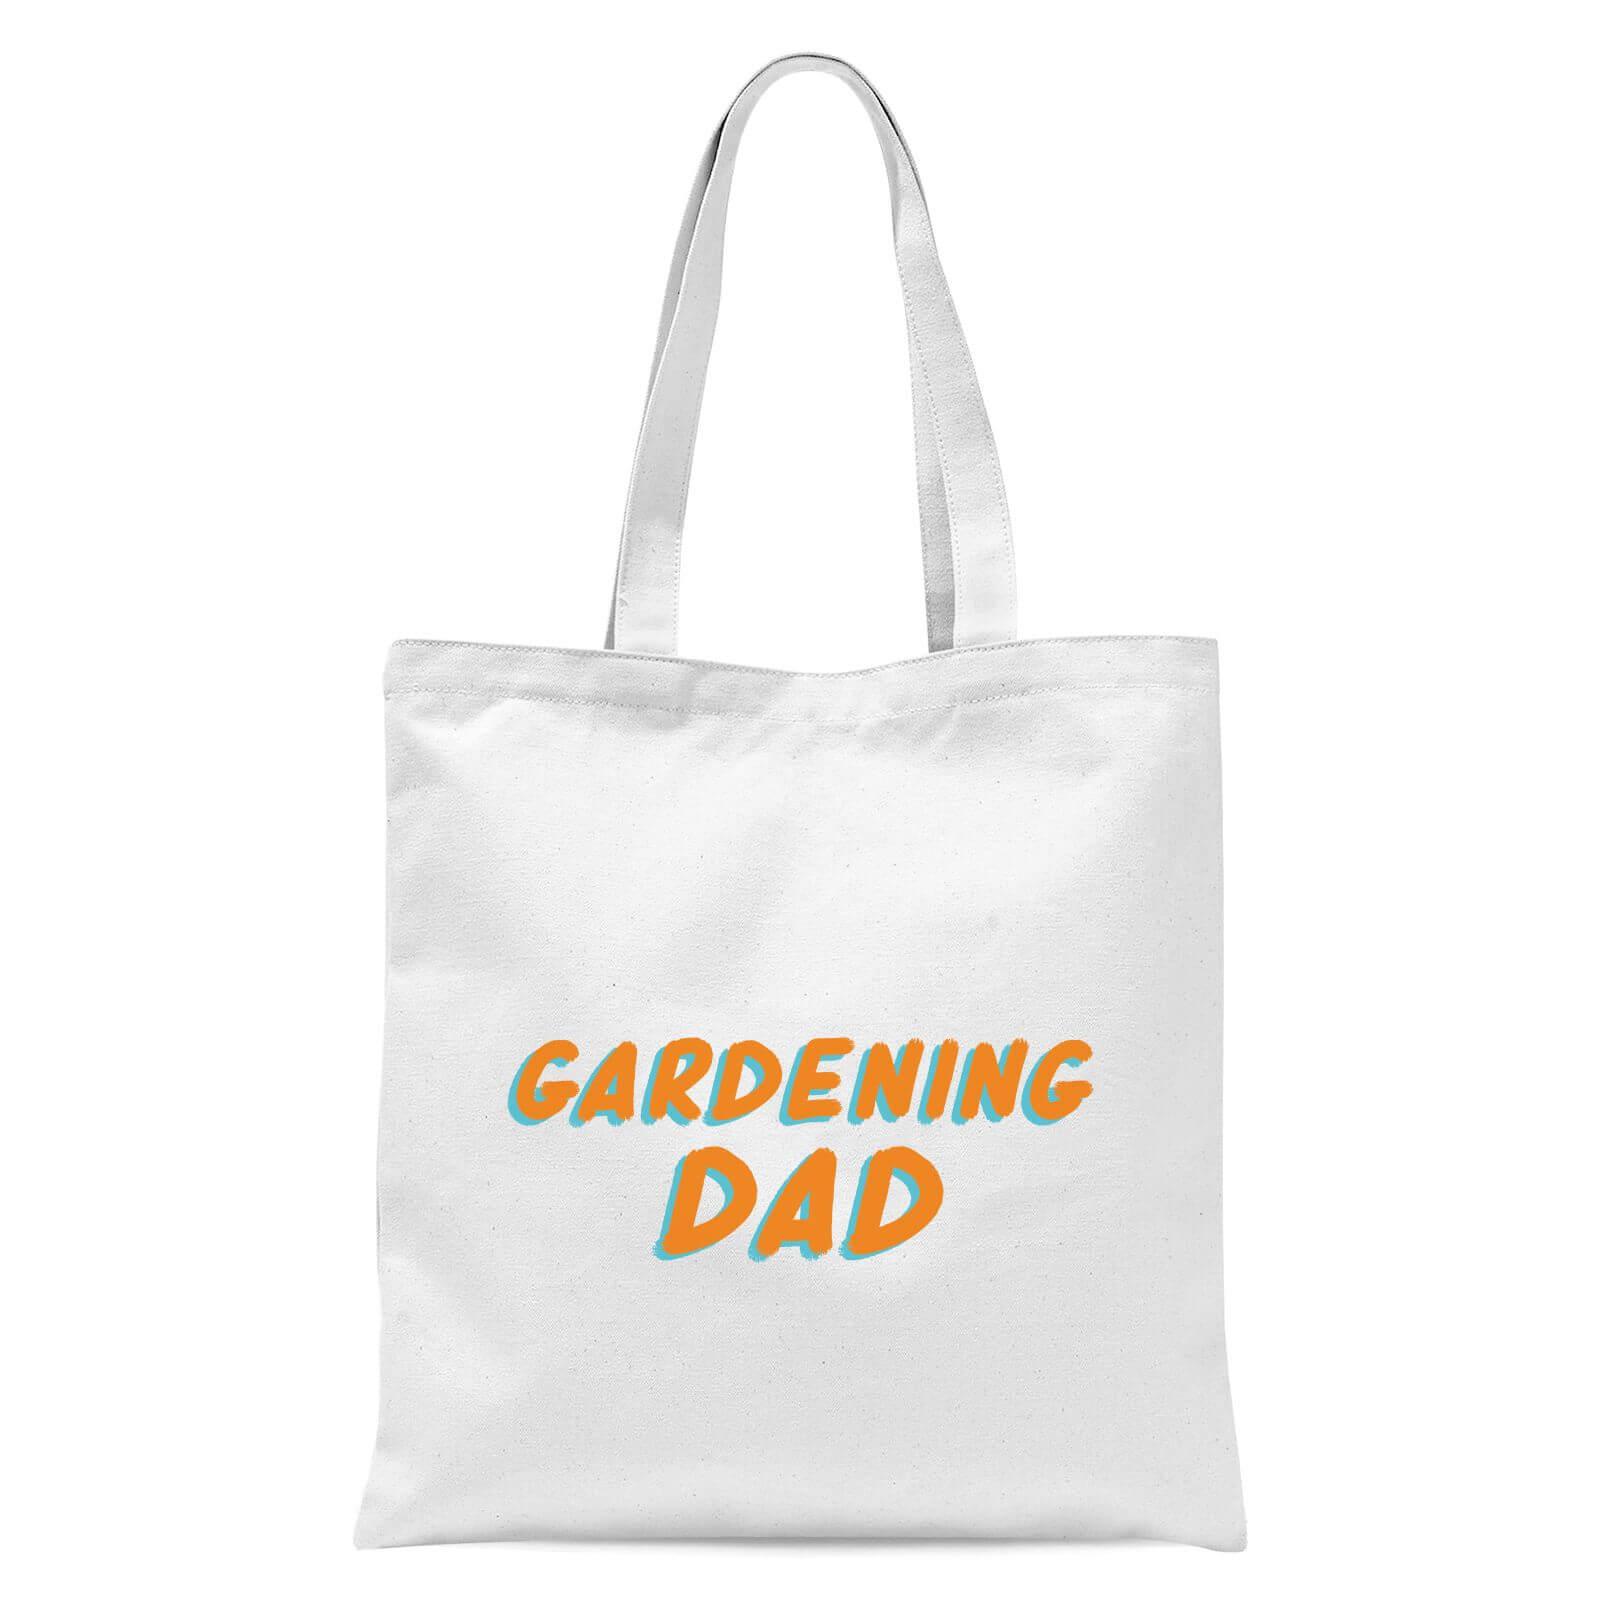 Gardening Dad Tote Bag   White